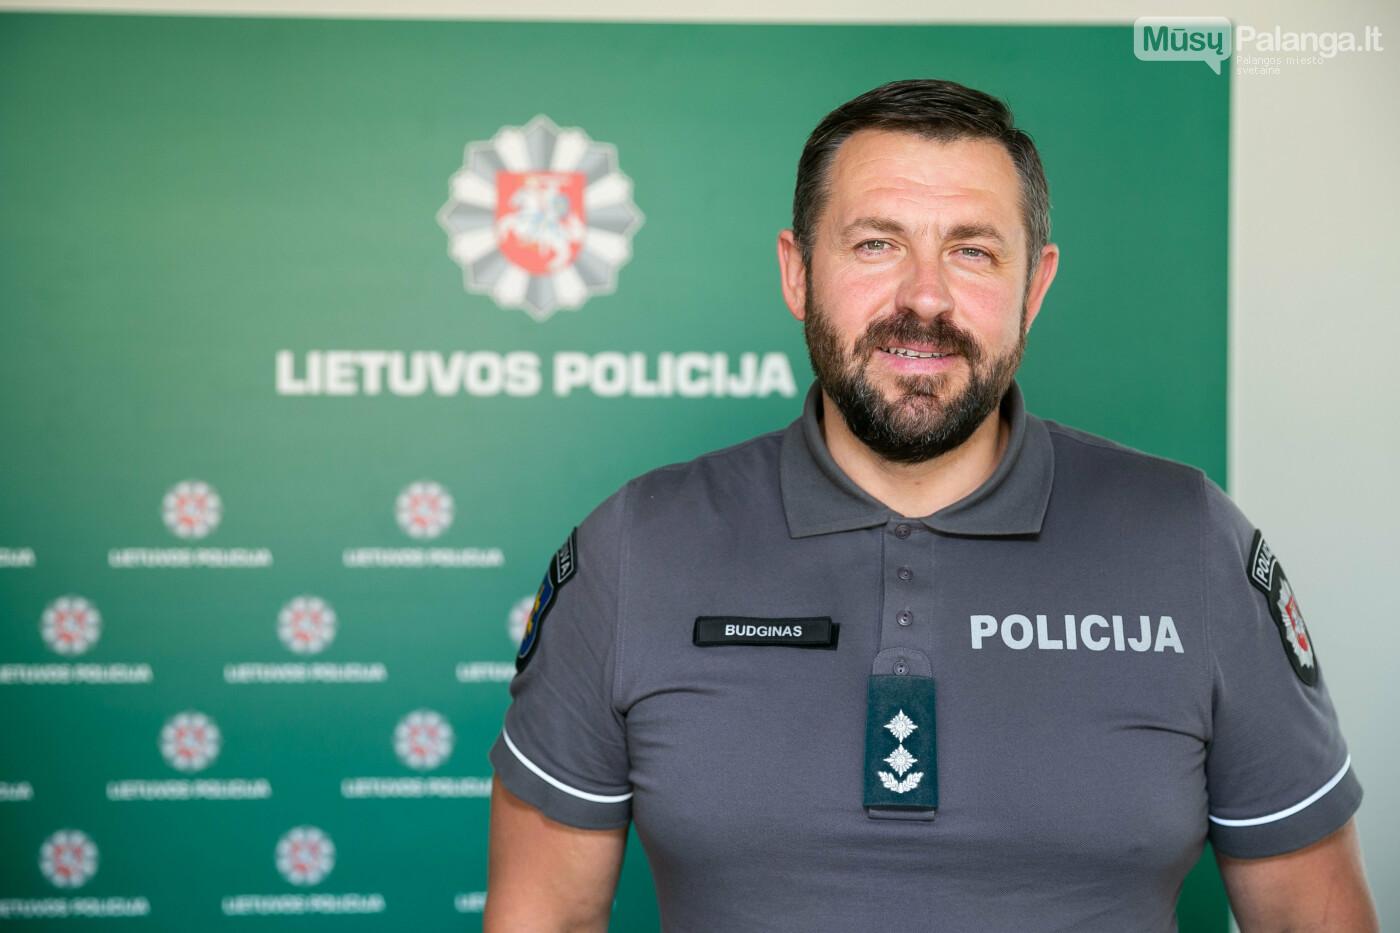 Žemaičiuojantis Palangos policijos vadas – apie čeburekų legalizaciją, paryčių..., nuotrauka-1, Žygimanto Gedvilos / 15min nuotr. / Algirdas Budginas